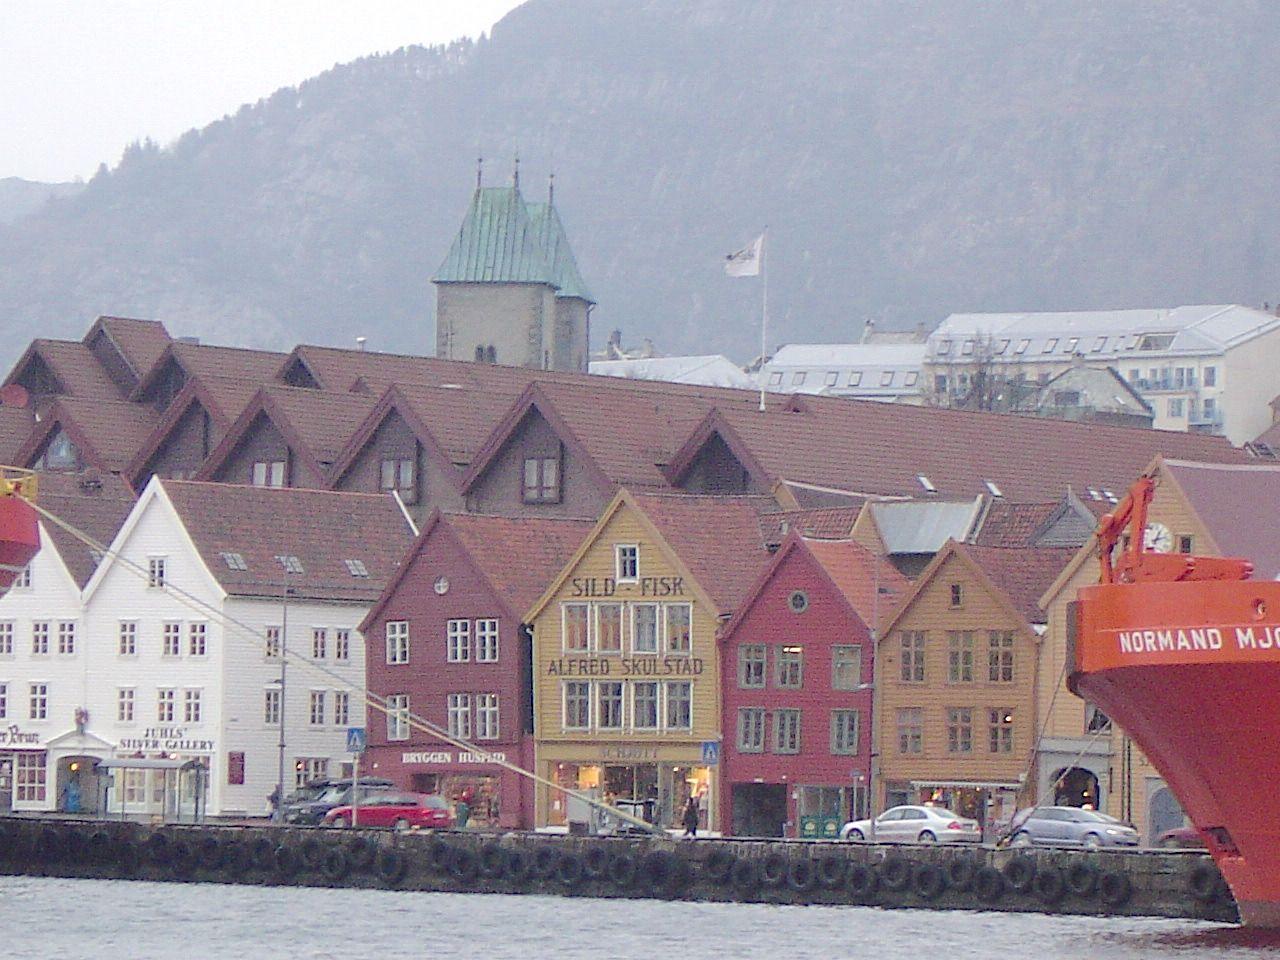 ノルウェーの世界遺産、木造建築が美しすぎるブリッゲン地区